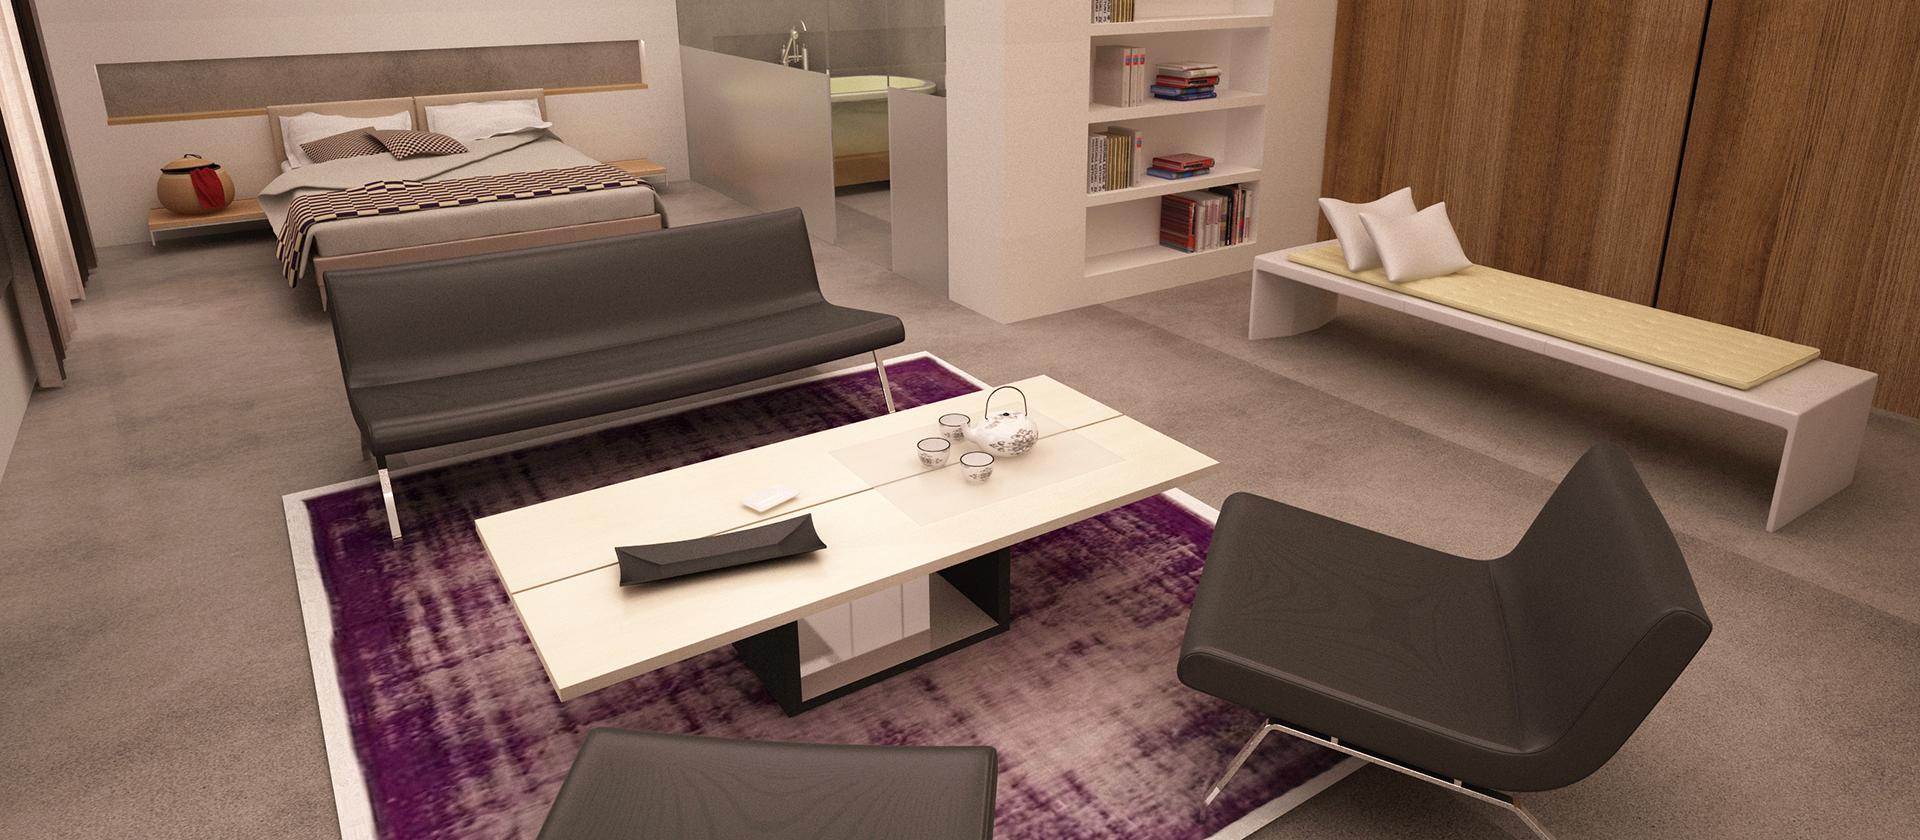 Fidi Escuela Dise O Interiores En Italia Fidi El Instituto  ~ Programa De Diseño De Interiores Gratis En Español